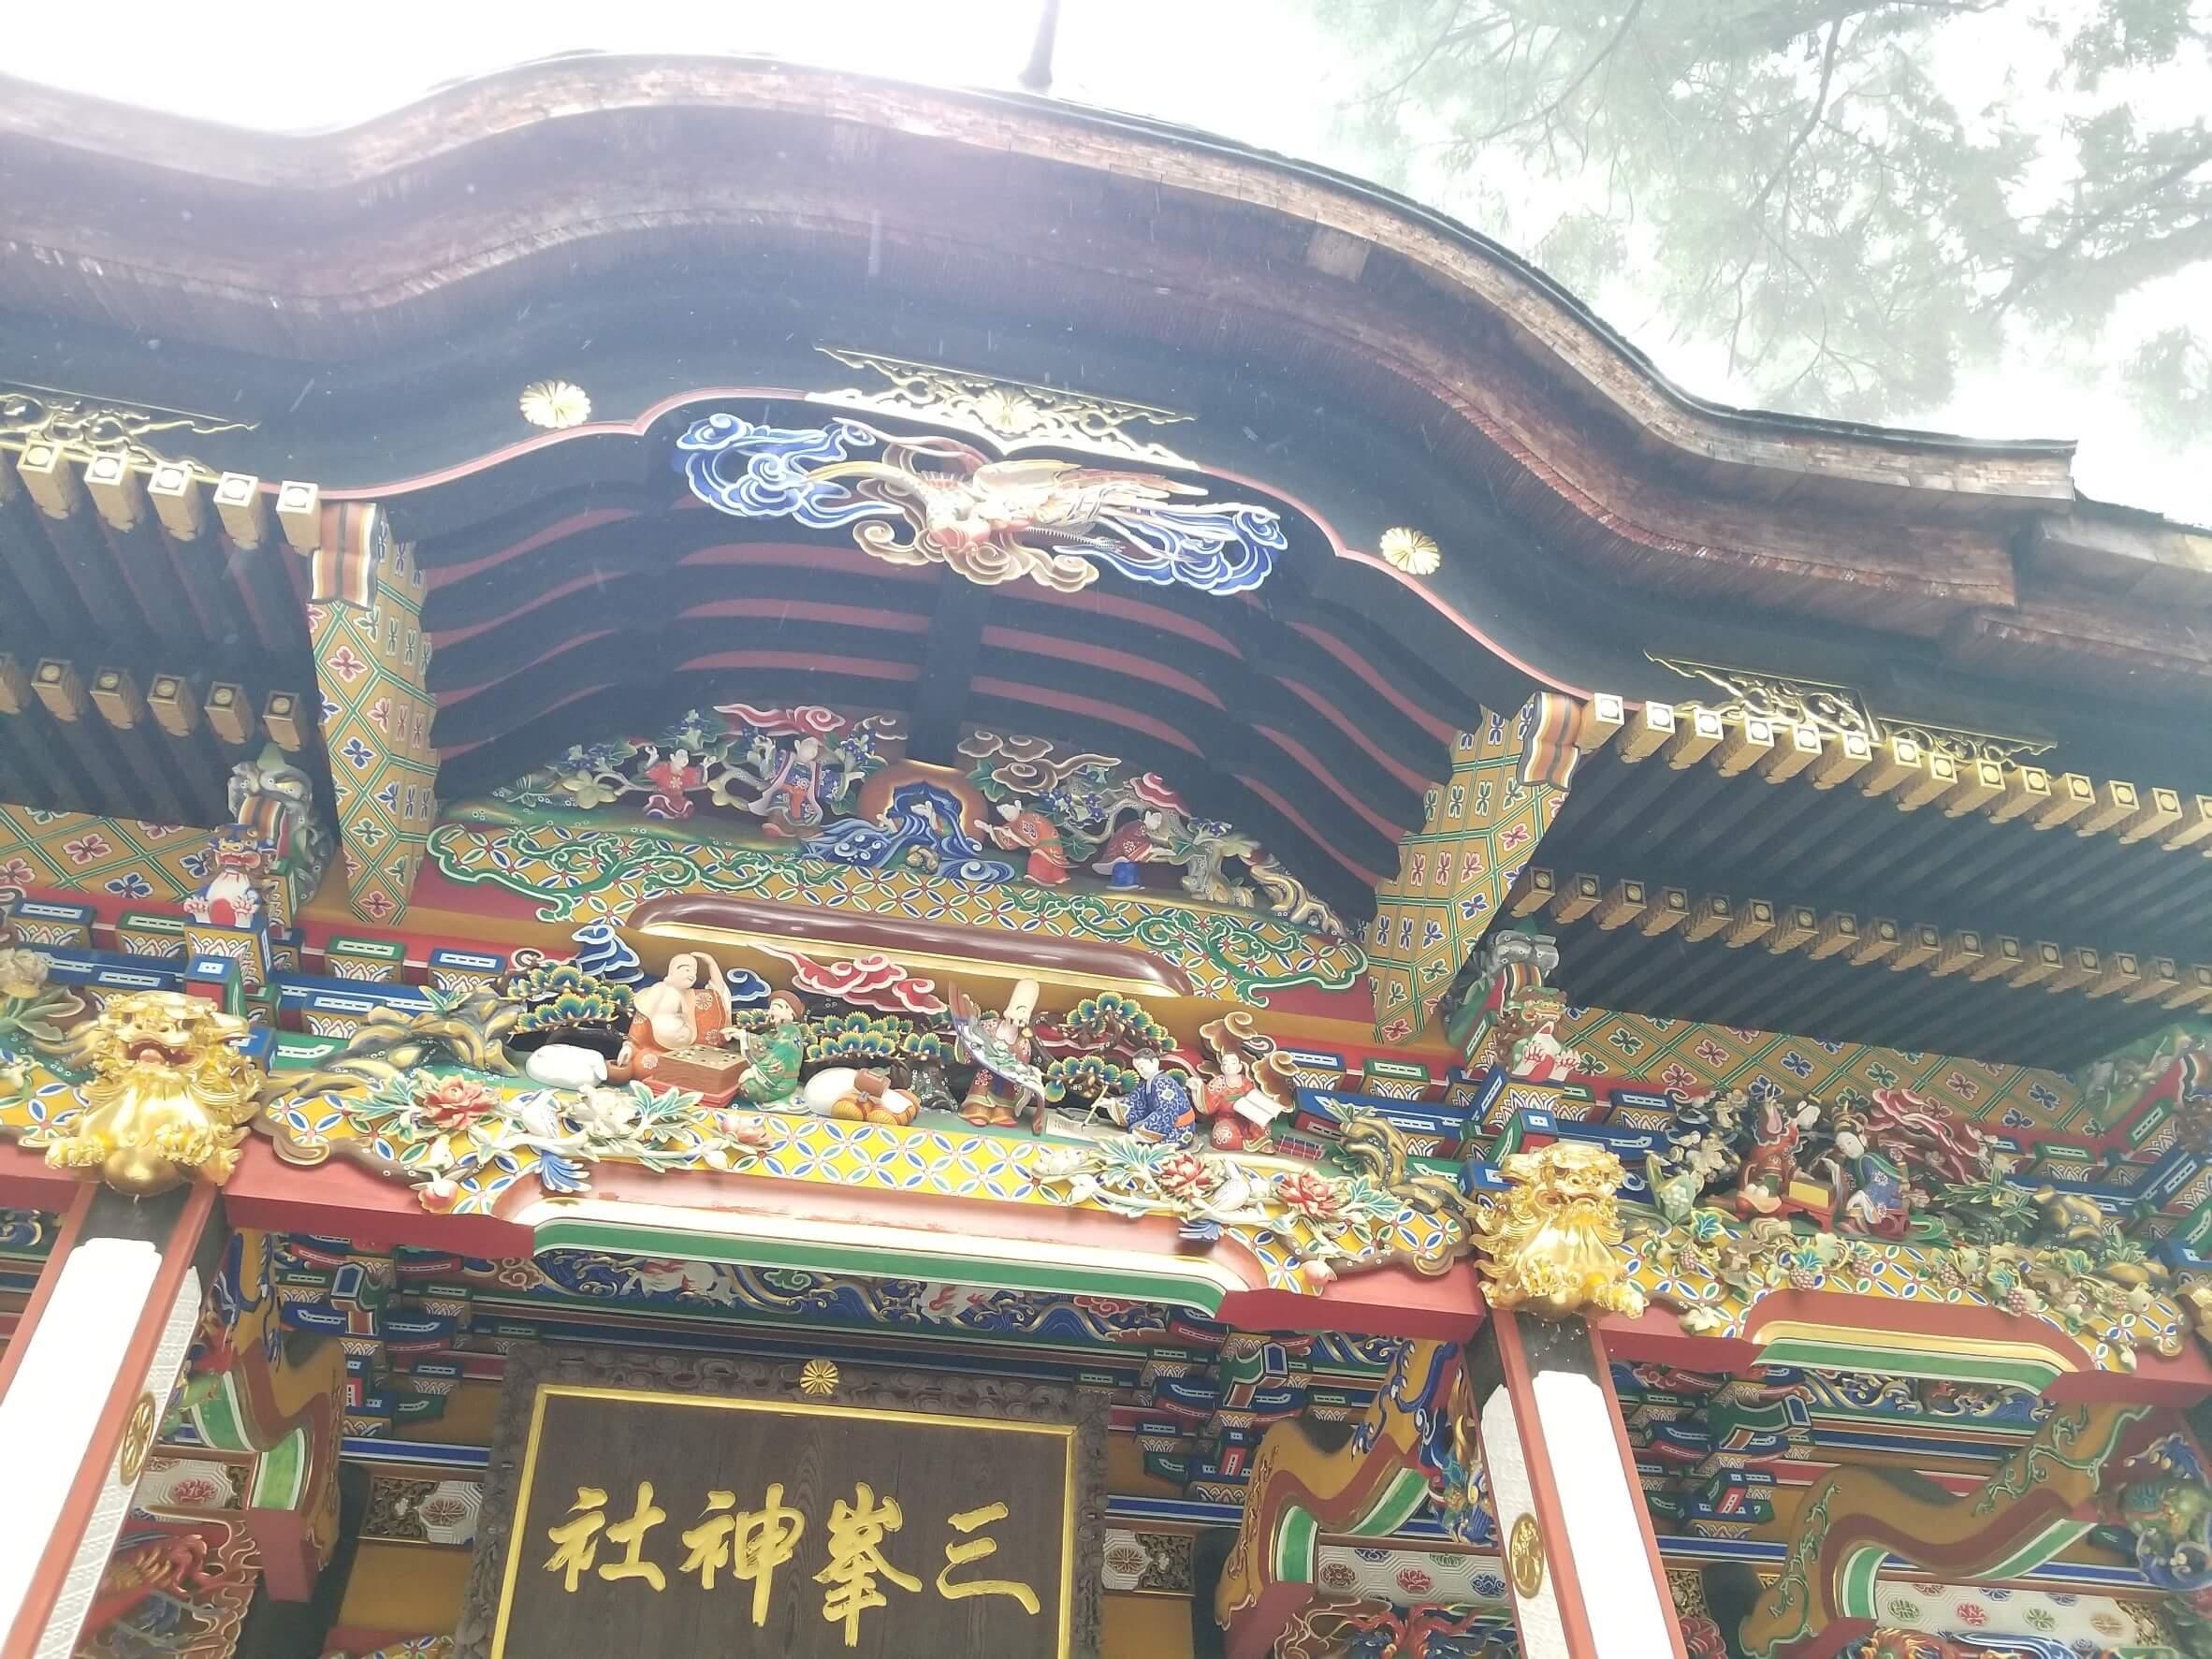 三峯神社本殿。秩父旅ログ&写真まとめ